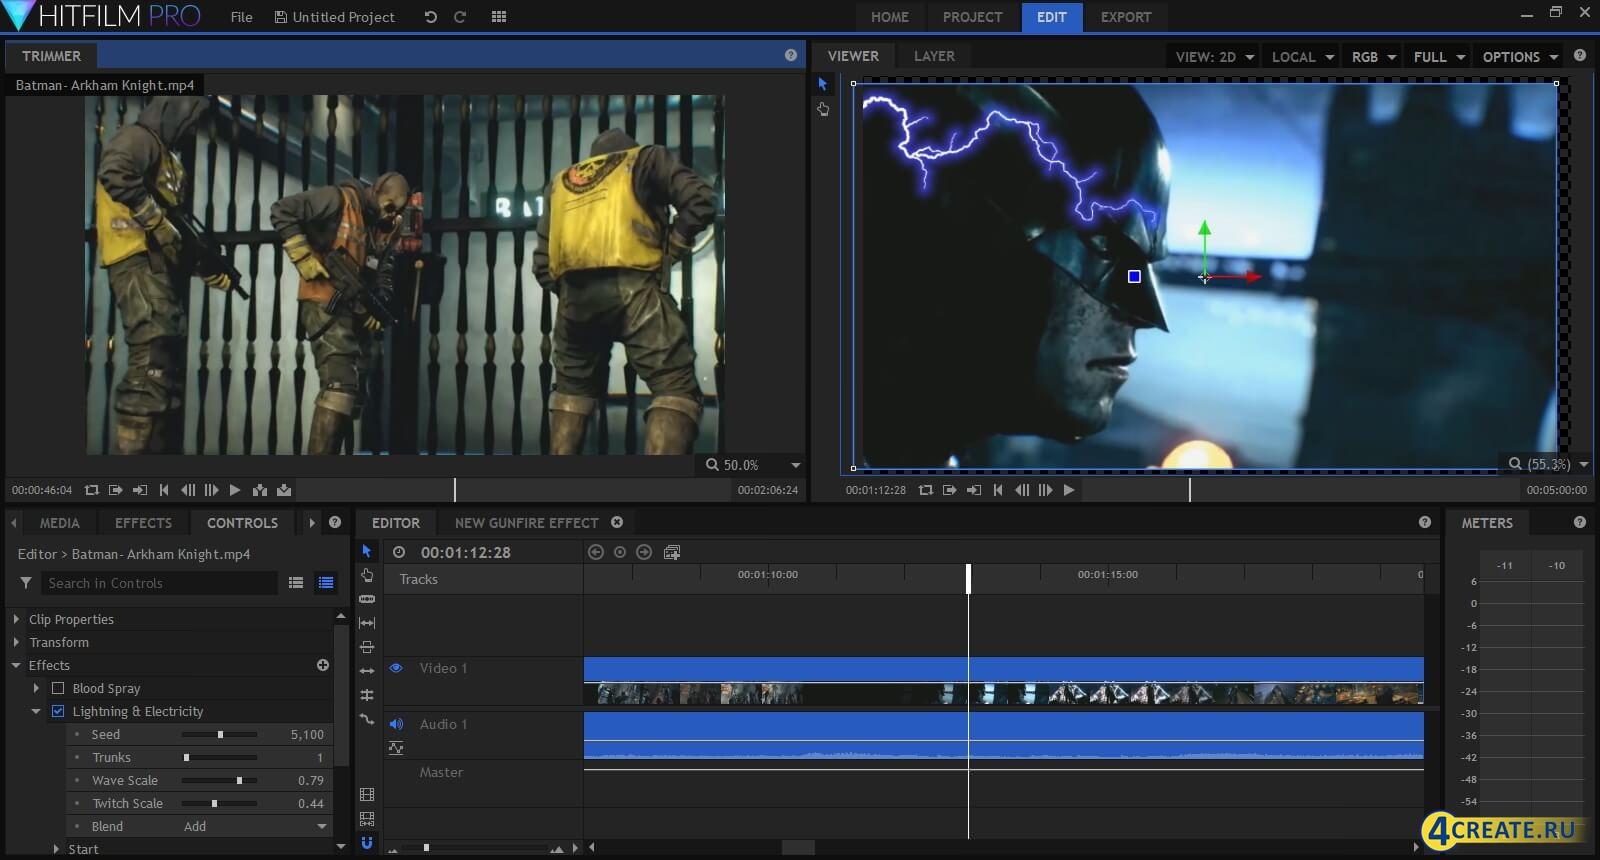 HitFilm Pro 5.0 (Скриншот 4)